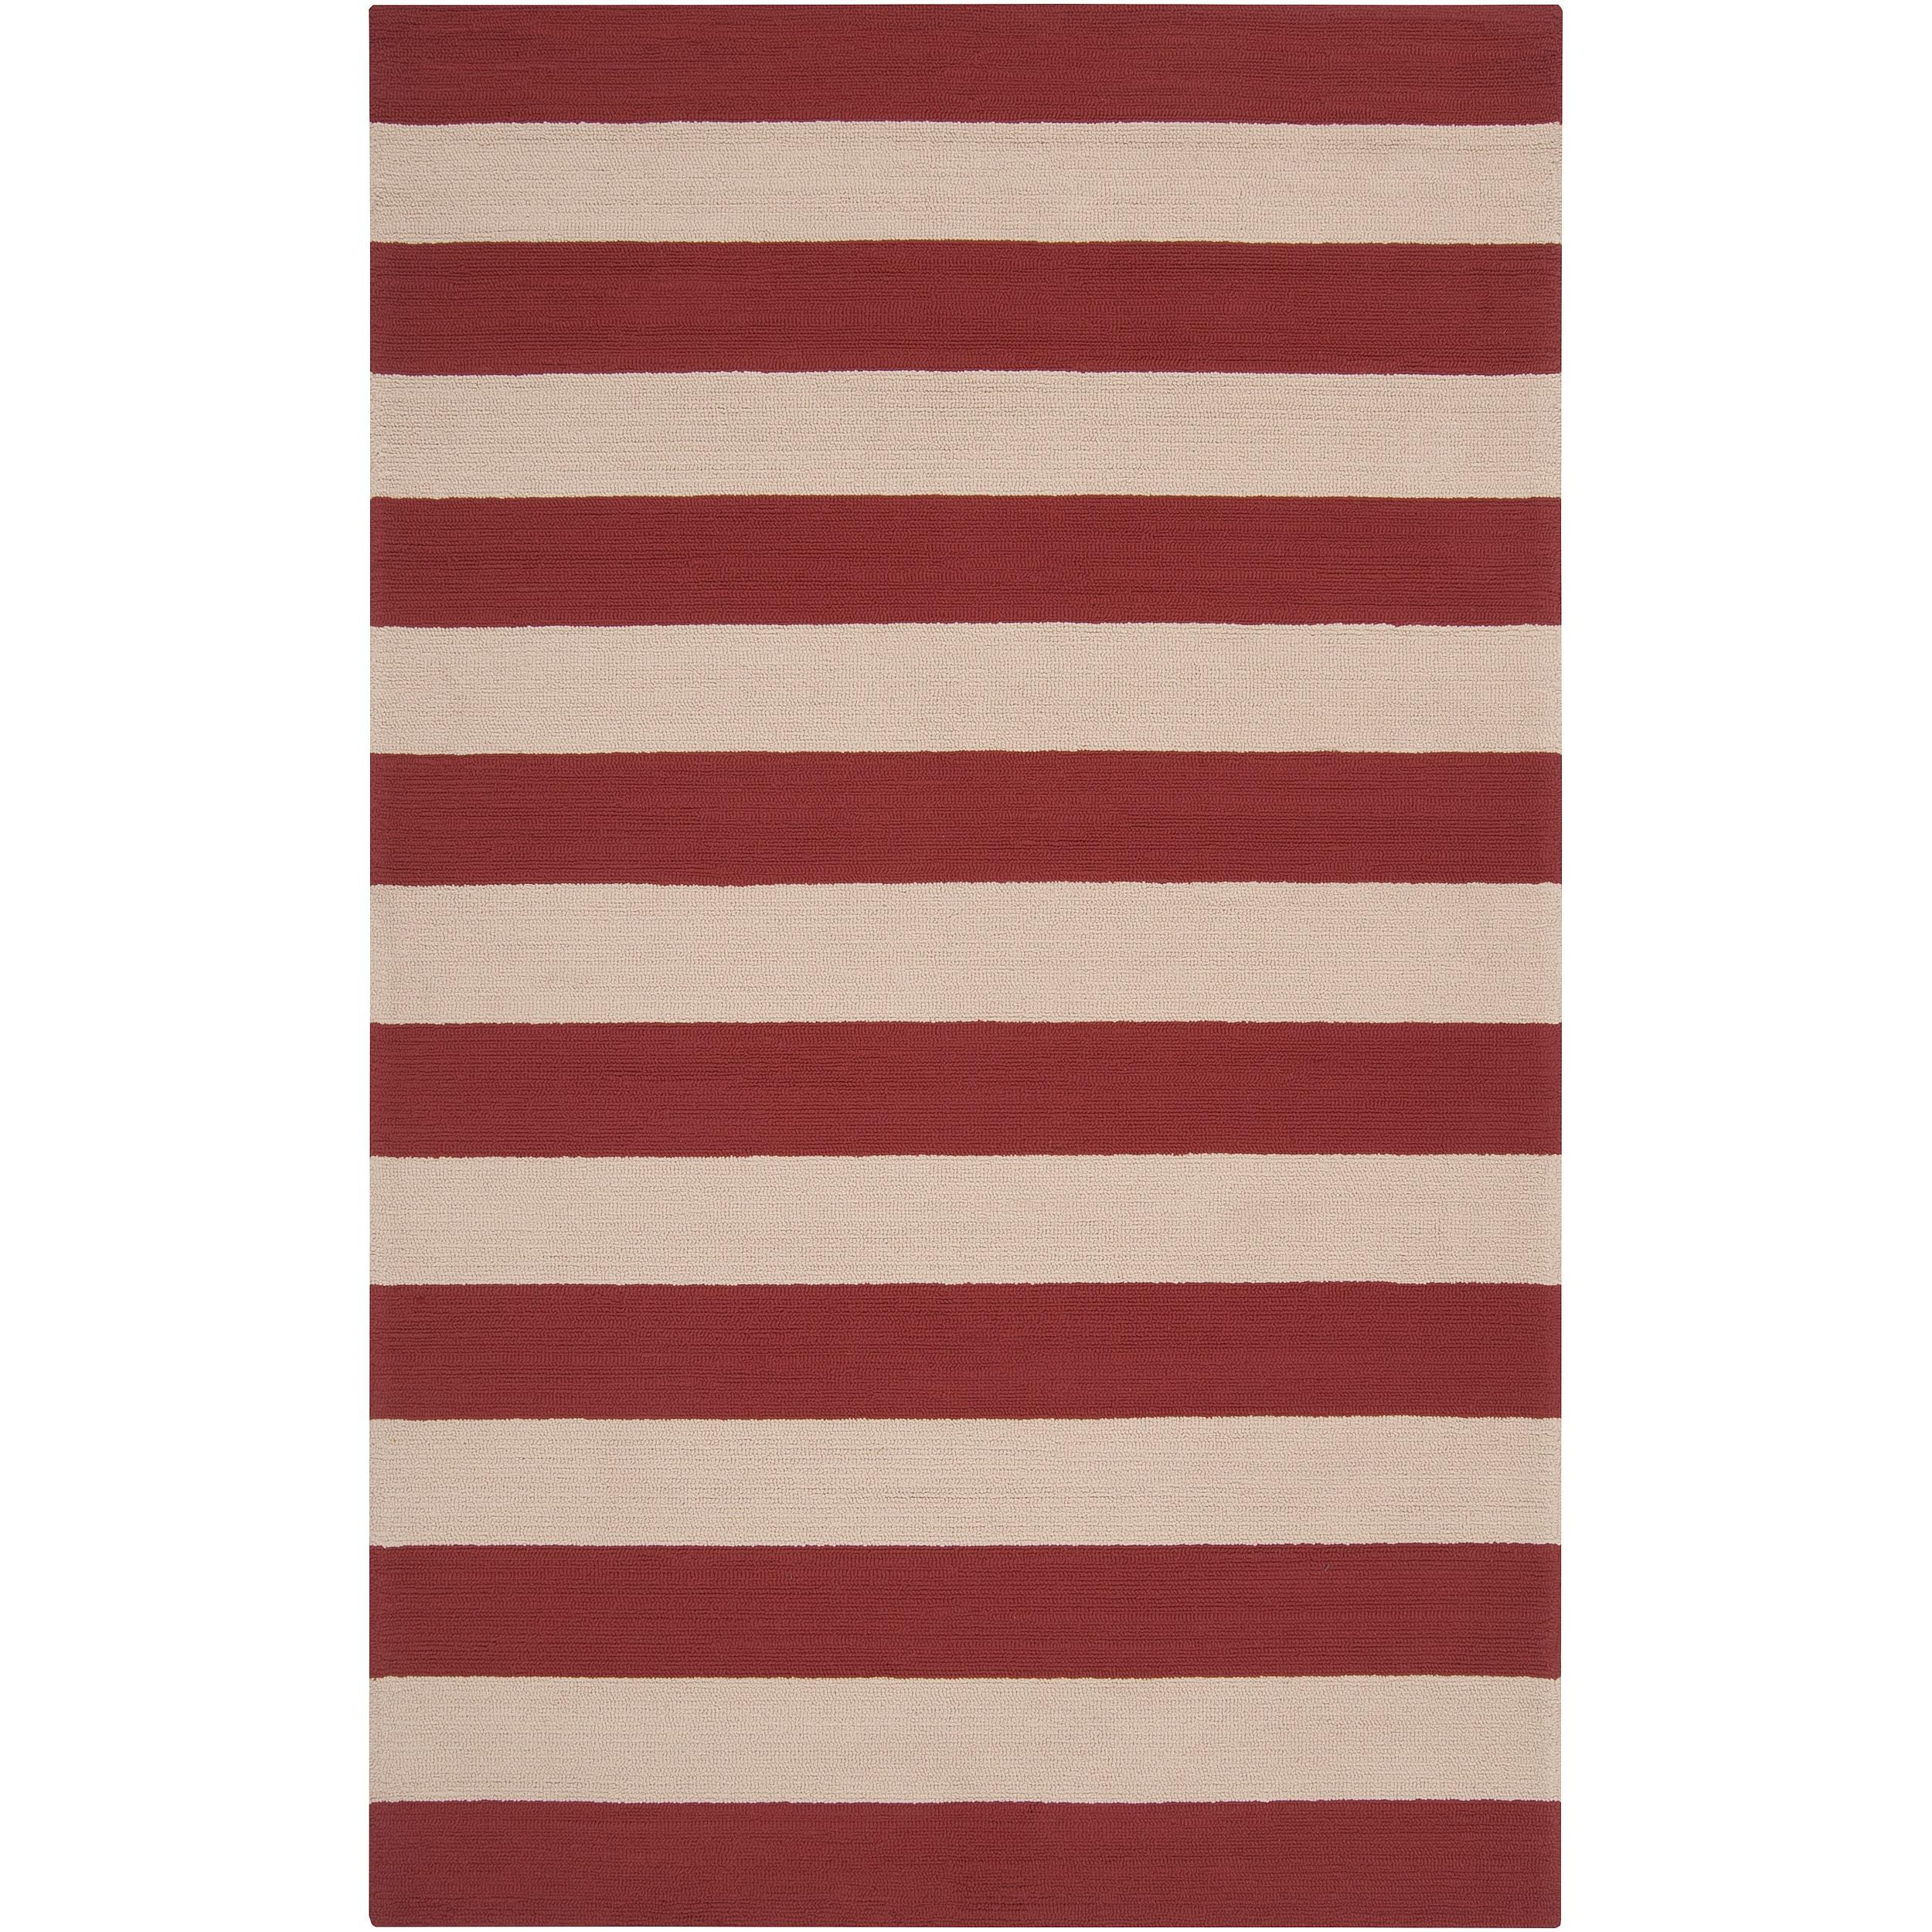 Hand-hooked Red Miette Indoor/Outdoor Stripe Rug (9' x 12')